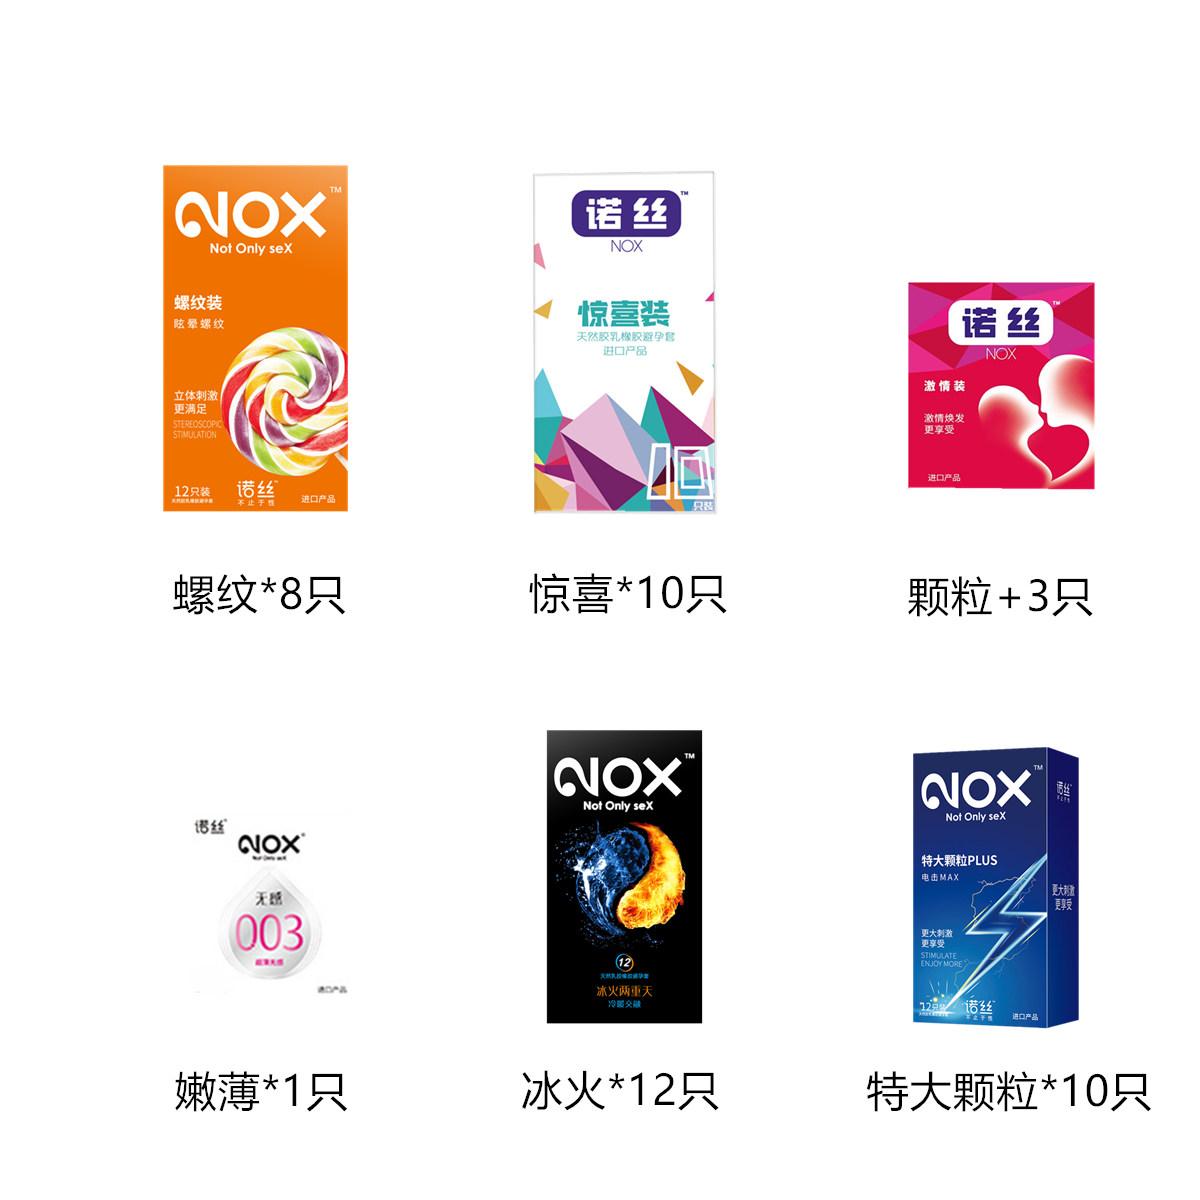 香港诺丝NOX避孕套安全套003嫩薄特大螺纹颗粒冰火套装44只